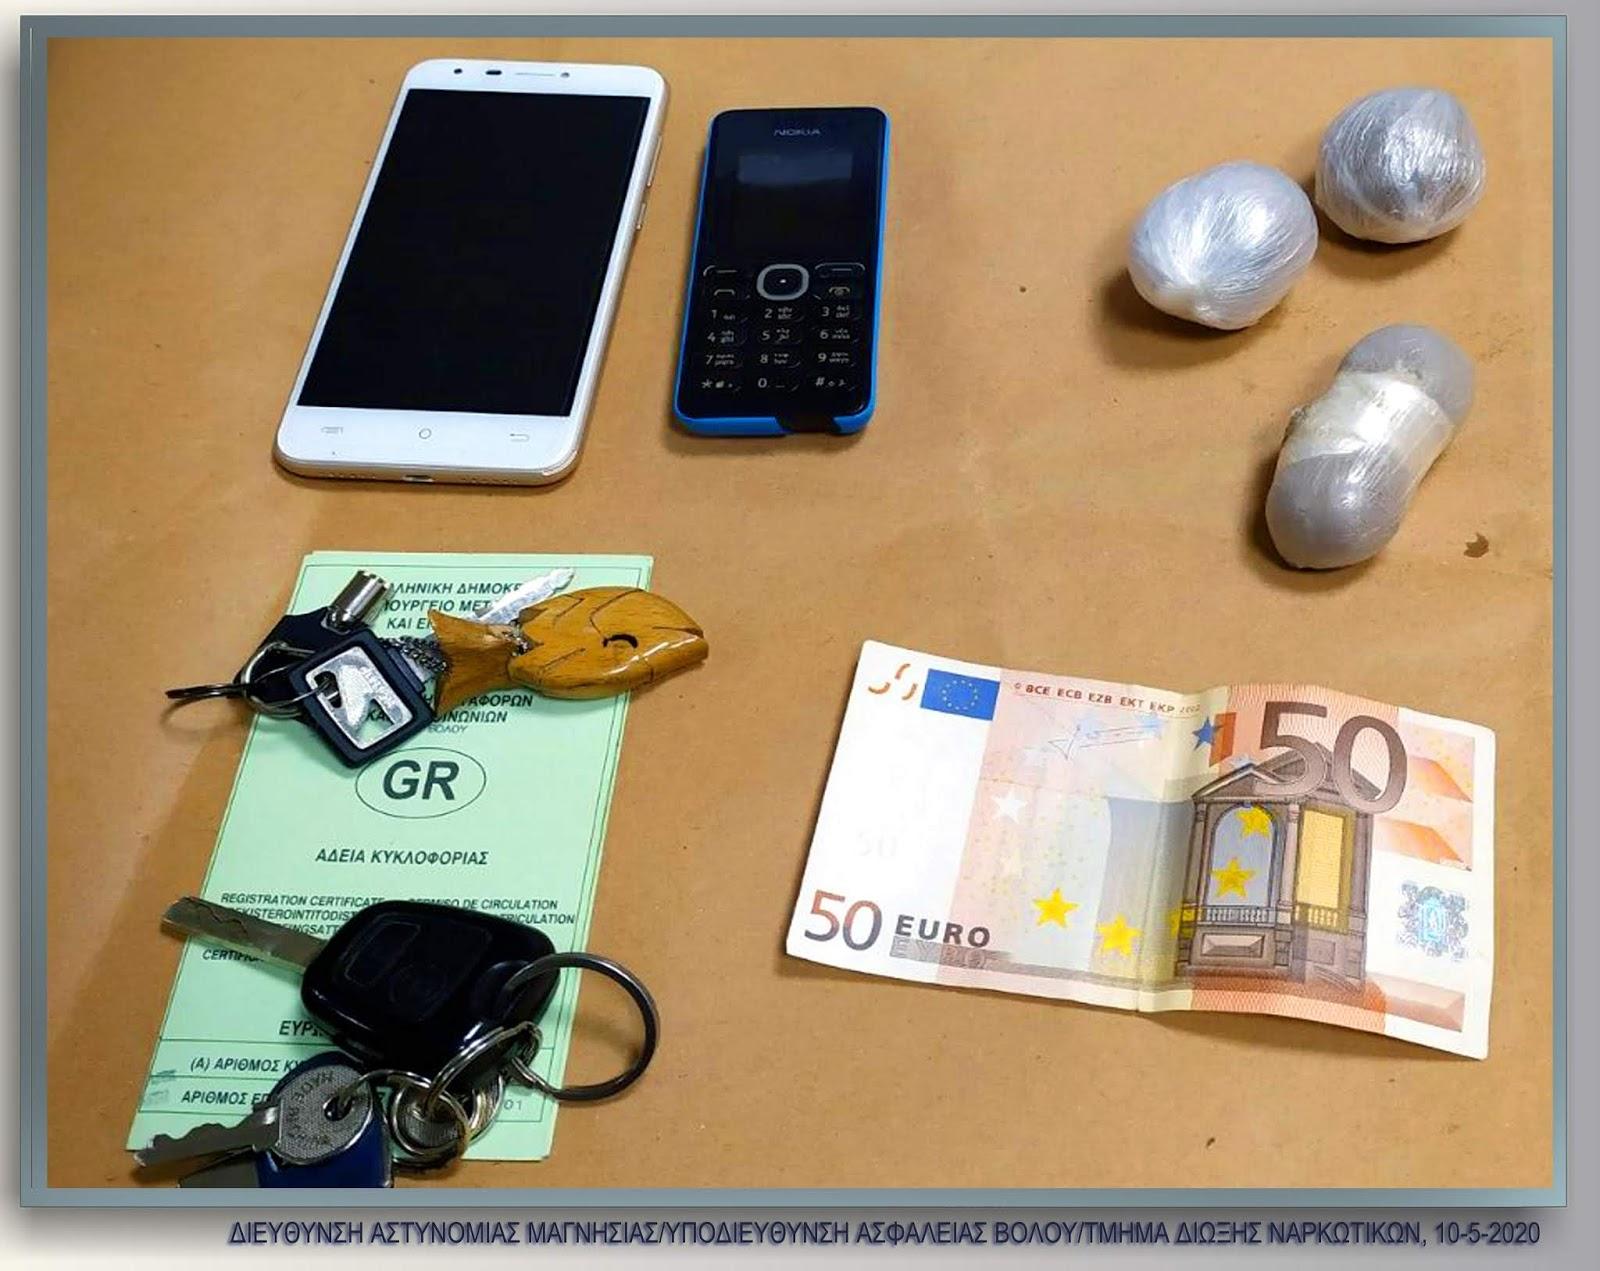 Συνελήφθησαν τρεις ημεδαποί στη Μαγνησία για ναρκωτικά